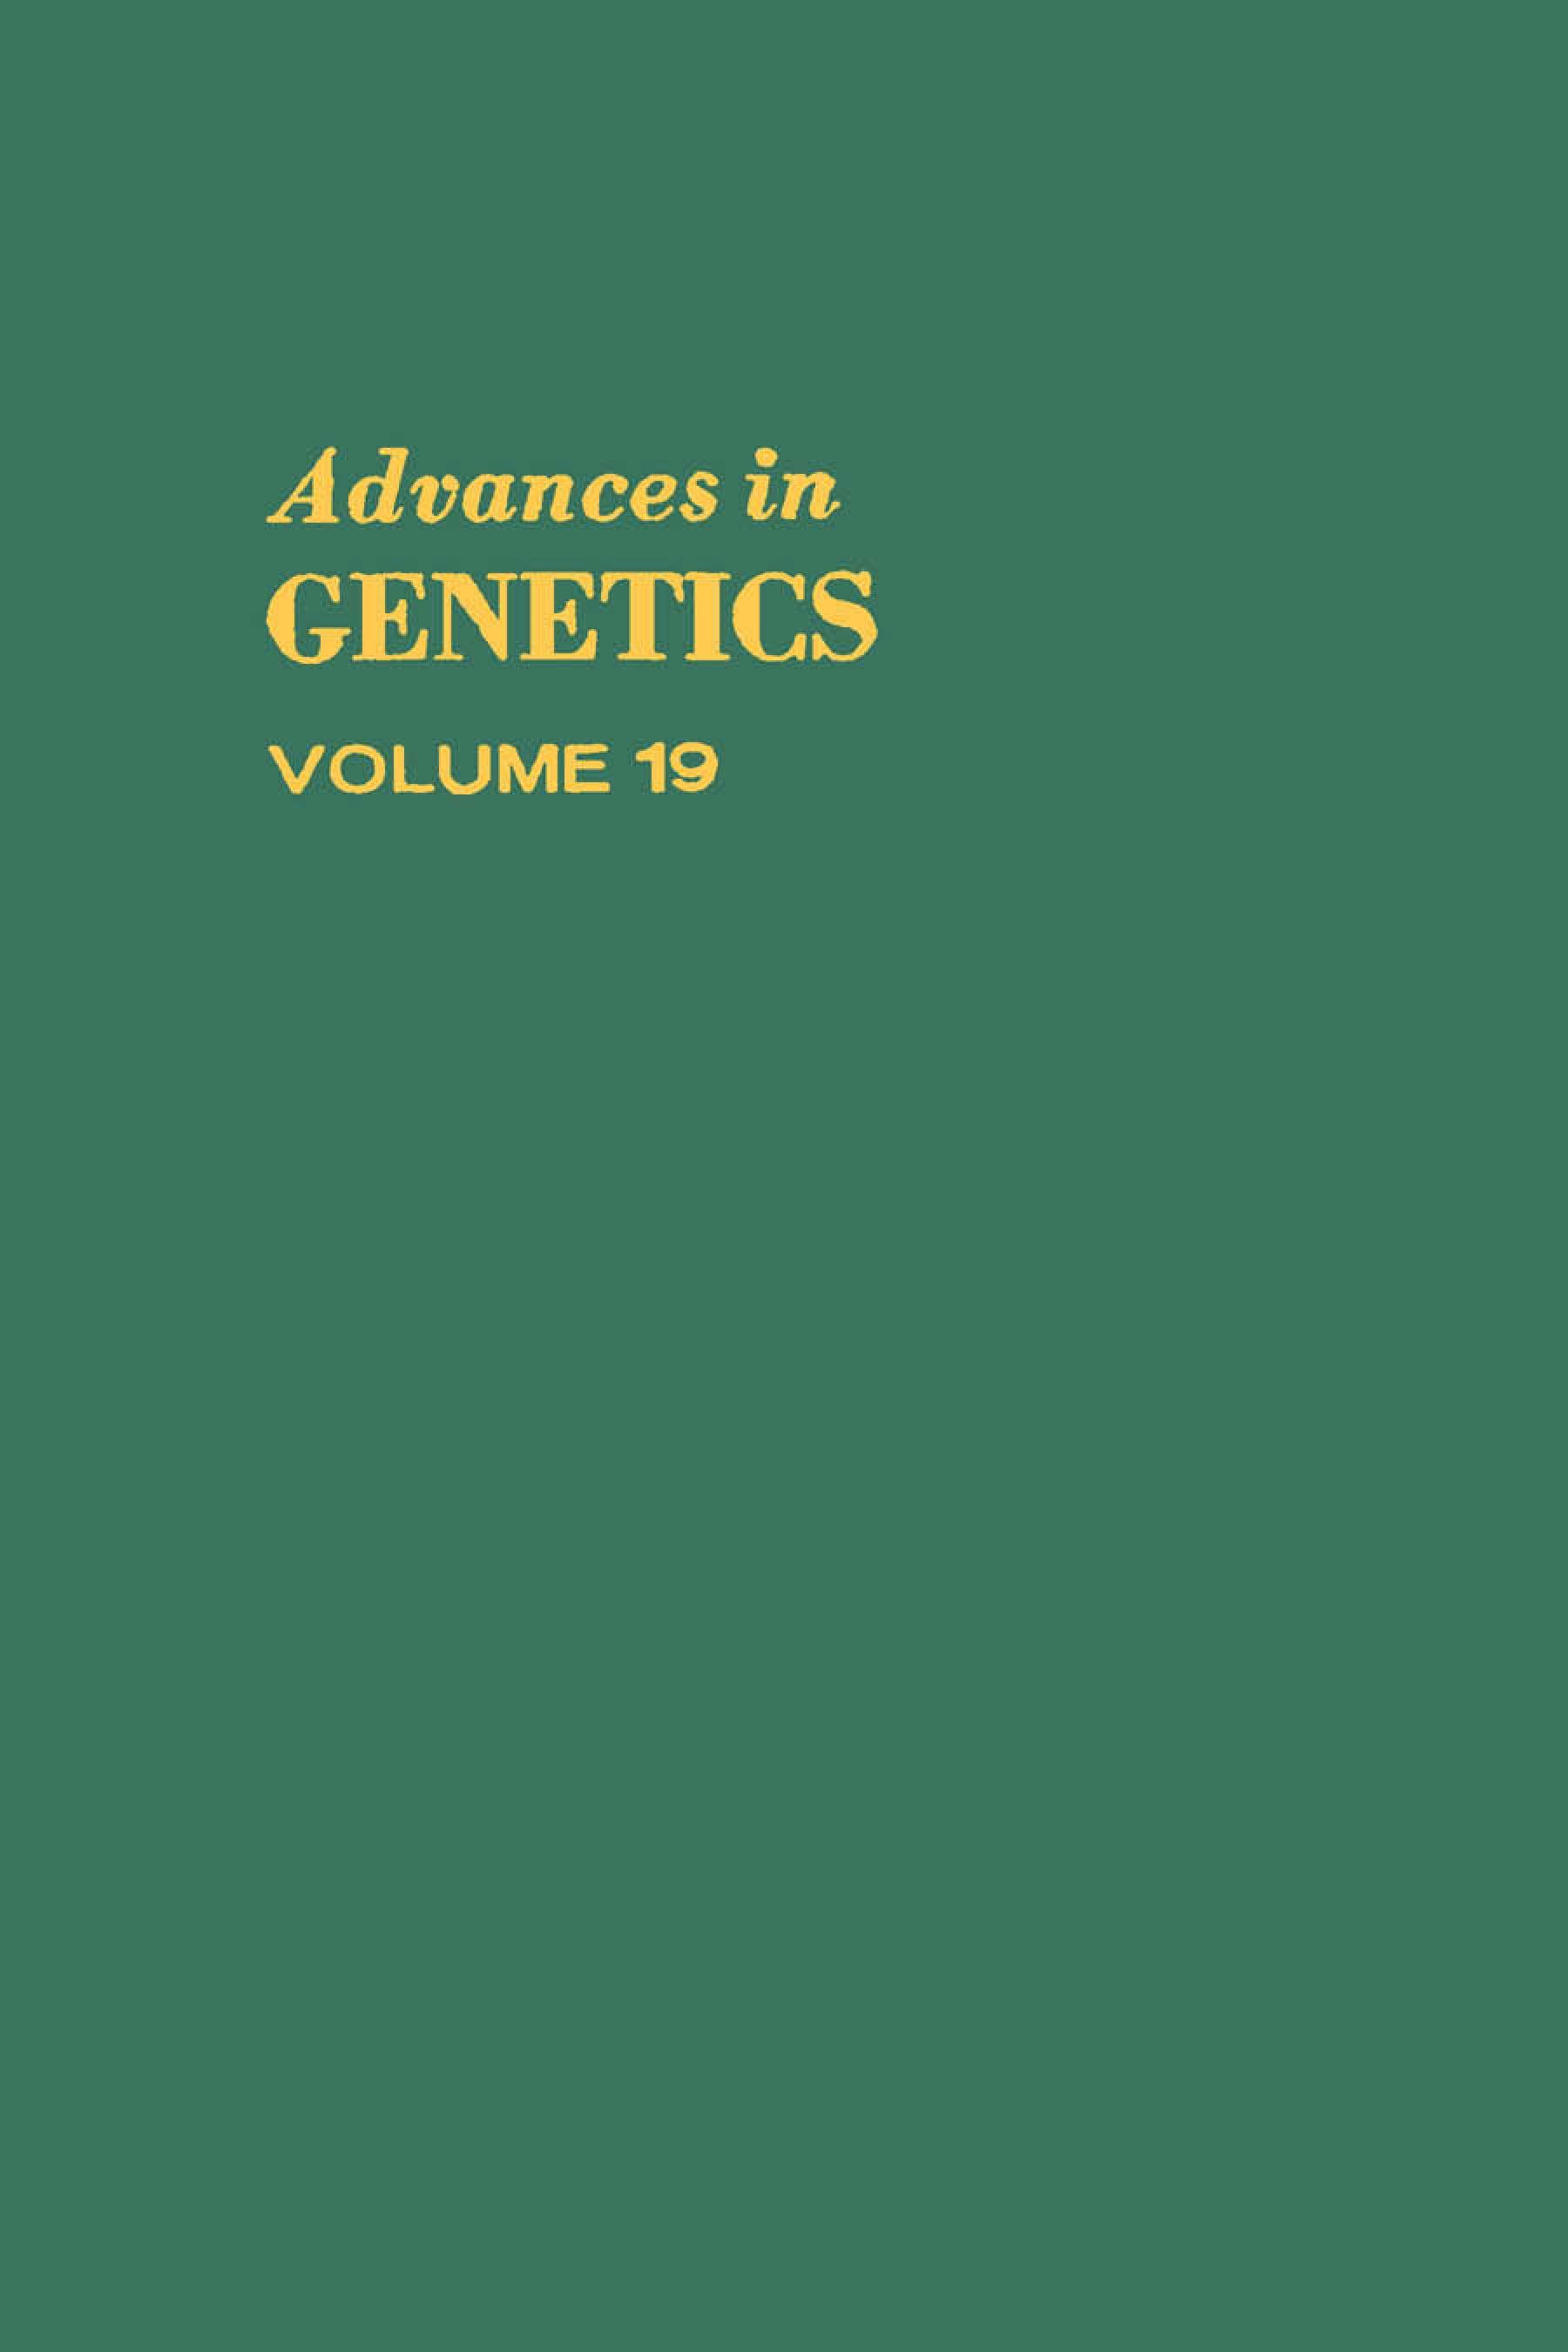 ADVANCES IN GENETICS VOLUME 19 EB9780080568065